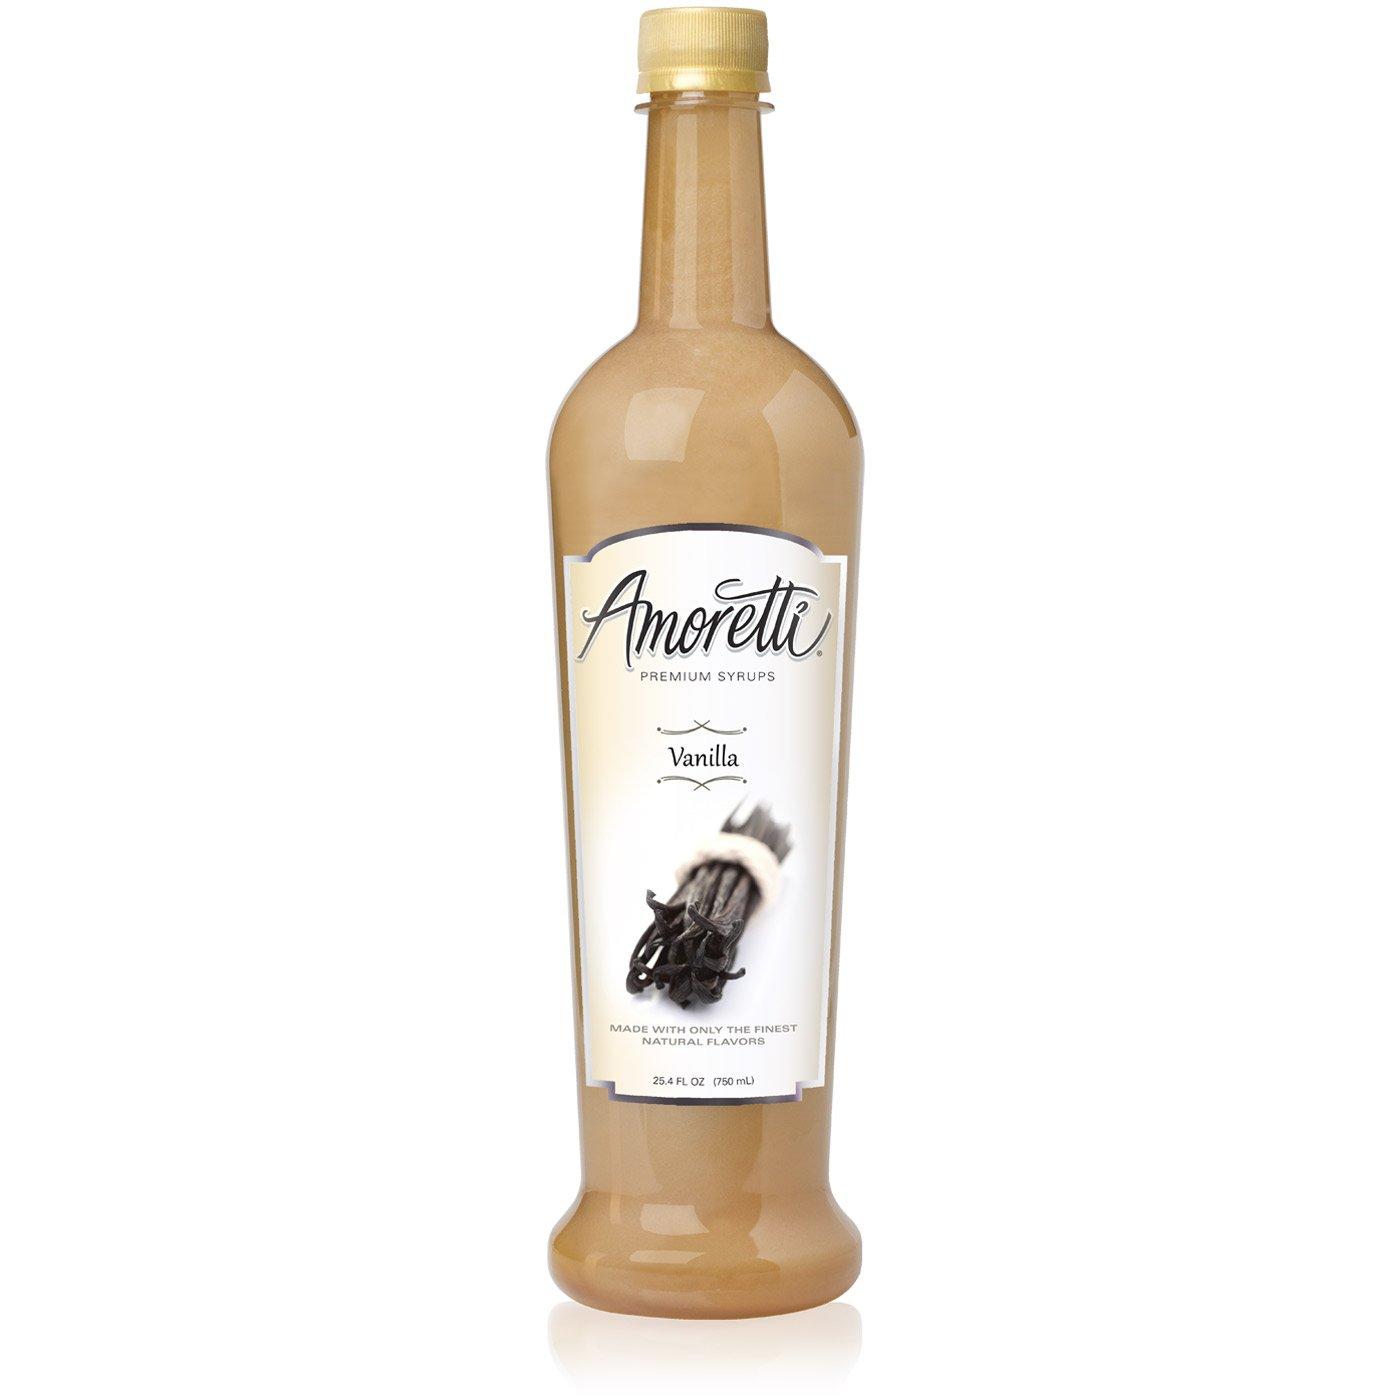 Amoretti Premium Syrup, Vanilla, 25.4 Ounce